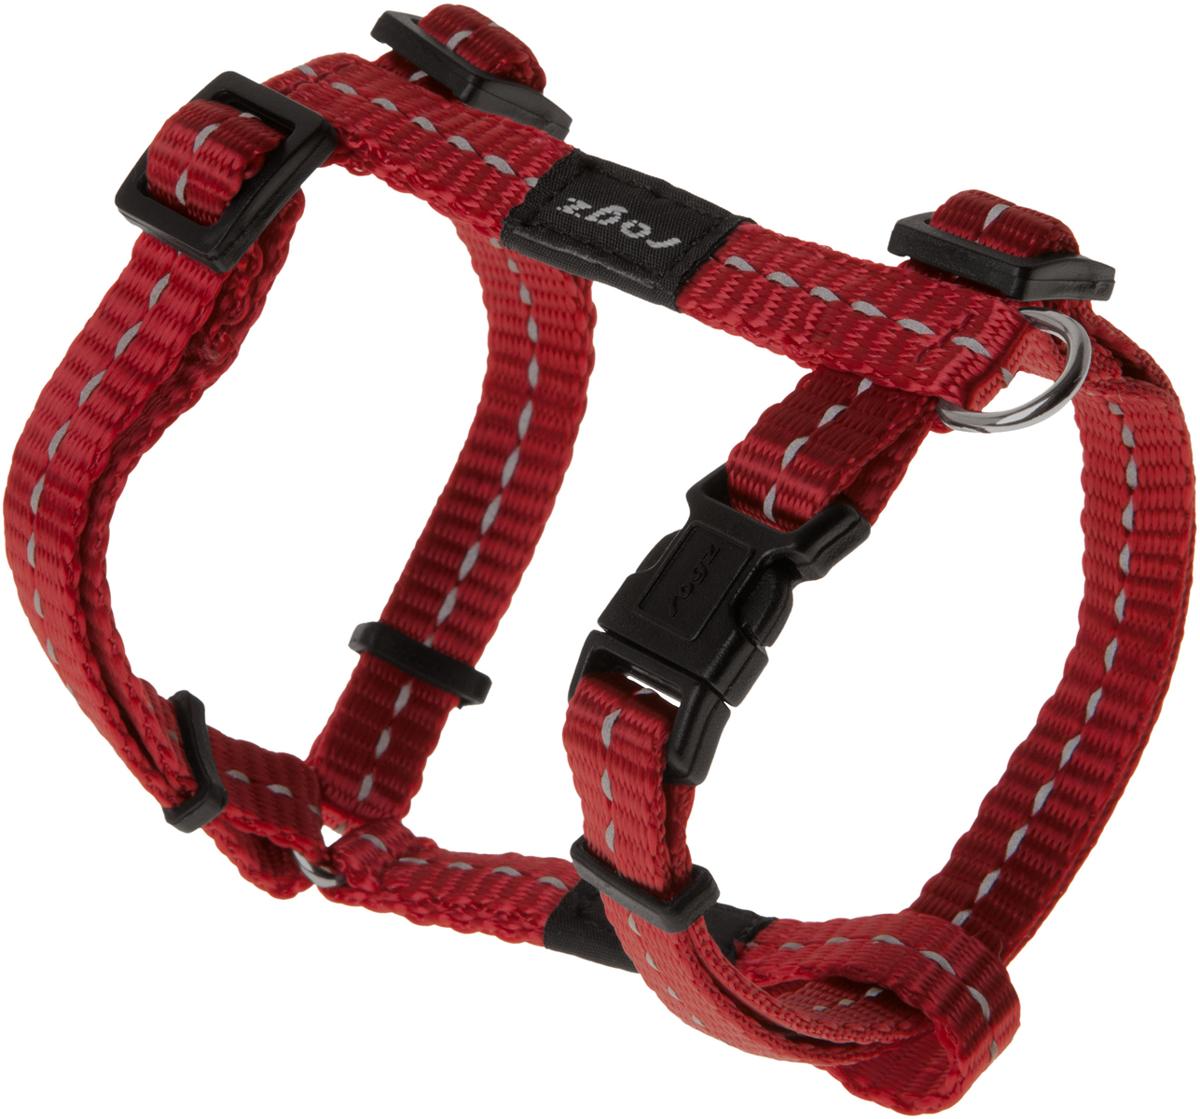 Шлейка для собак Rogz Utility, цвет: красный, ширина 1,1 см. Размер S0120710Шлейка для собак Rogz Utility со светоотражающей нитью, вплетенной в нейлоновую ленту, обеспечивает лучшую видимость собаки в темное время суток. Специальная конструкция пряжки Rog Loc - очень крепкая (система Fort Knox). Замок может быть расстегнут только рукой человека. Технология распределения нагрузки позволяет снизить нагрузку на пряжки, изготовленные из титанового пластика, с помощью правильного и разумного расположения грузовых колец, благодаря чему, даже при самых сильных рывках, изделие не рвется и не деформируется.Выполненные специально по заказу ROGZ литые кольца гальванически хромированы, что позволяет избежать коррозии и потускнения изделия.